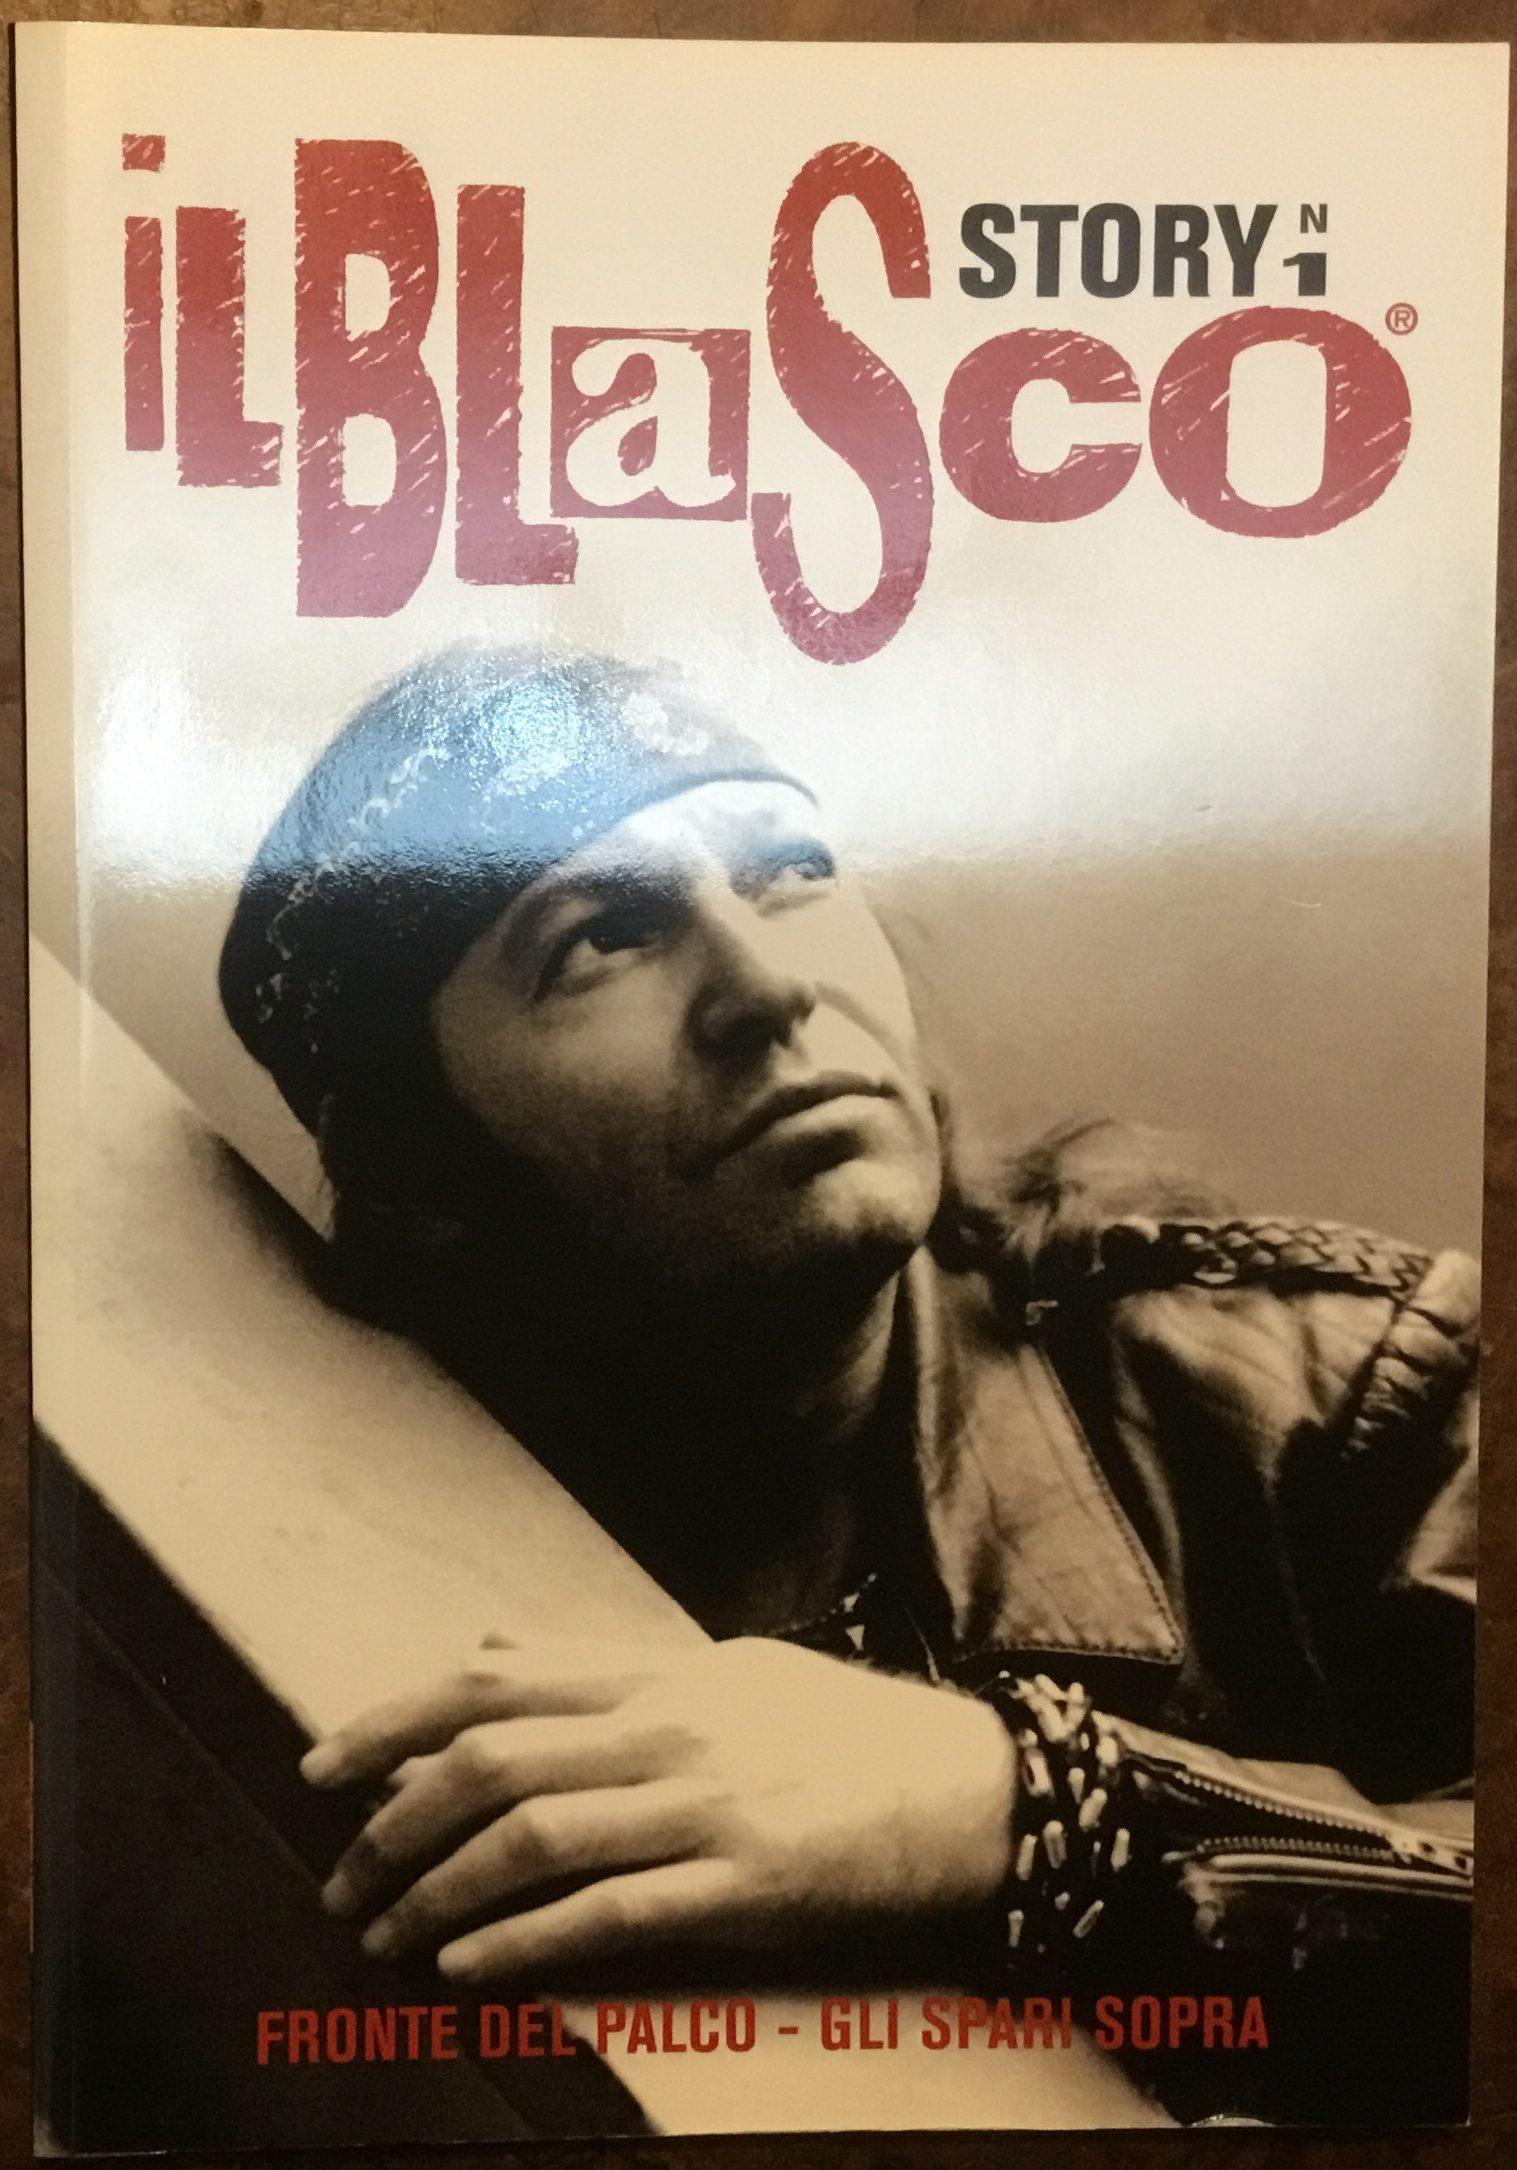 Il Blasco Story Inedito. Rivista con allegato DVD 'Ho fatto un sogno. Corto animato' (Dest. Editoriale)